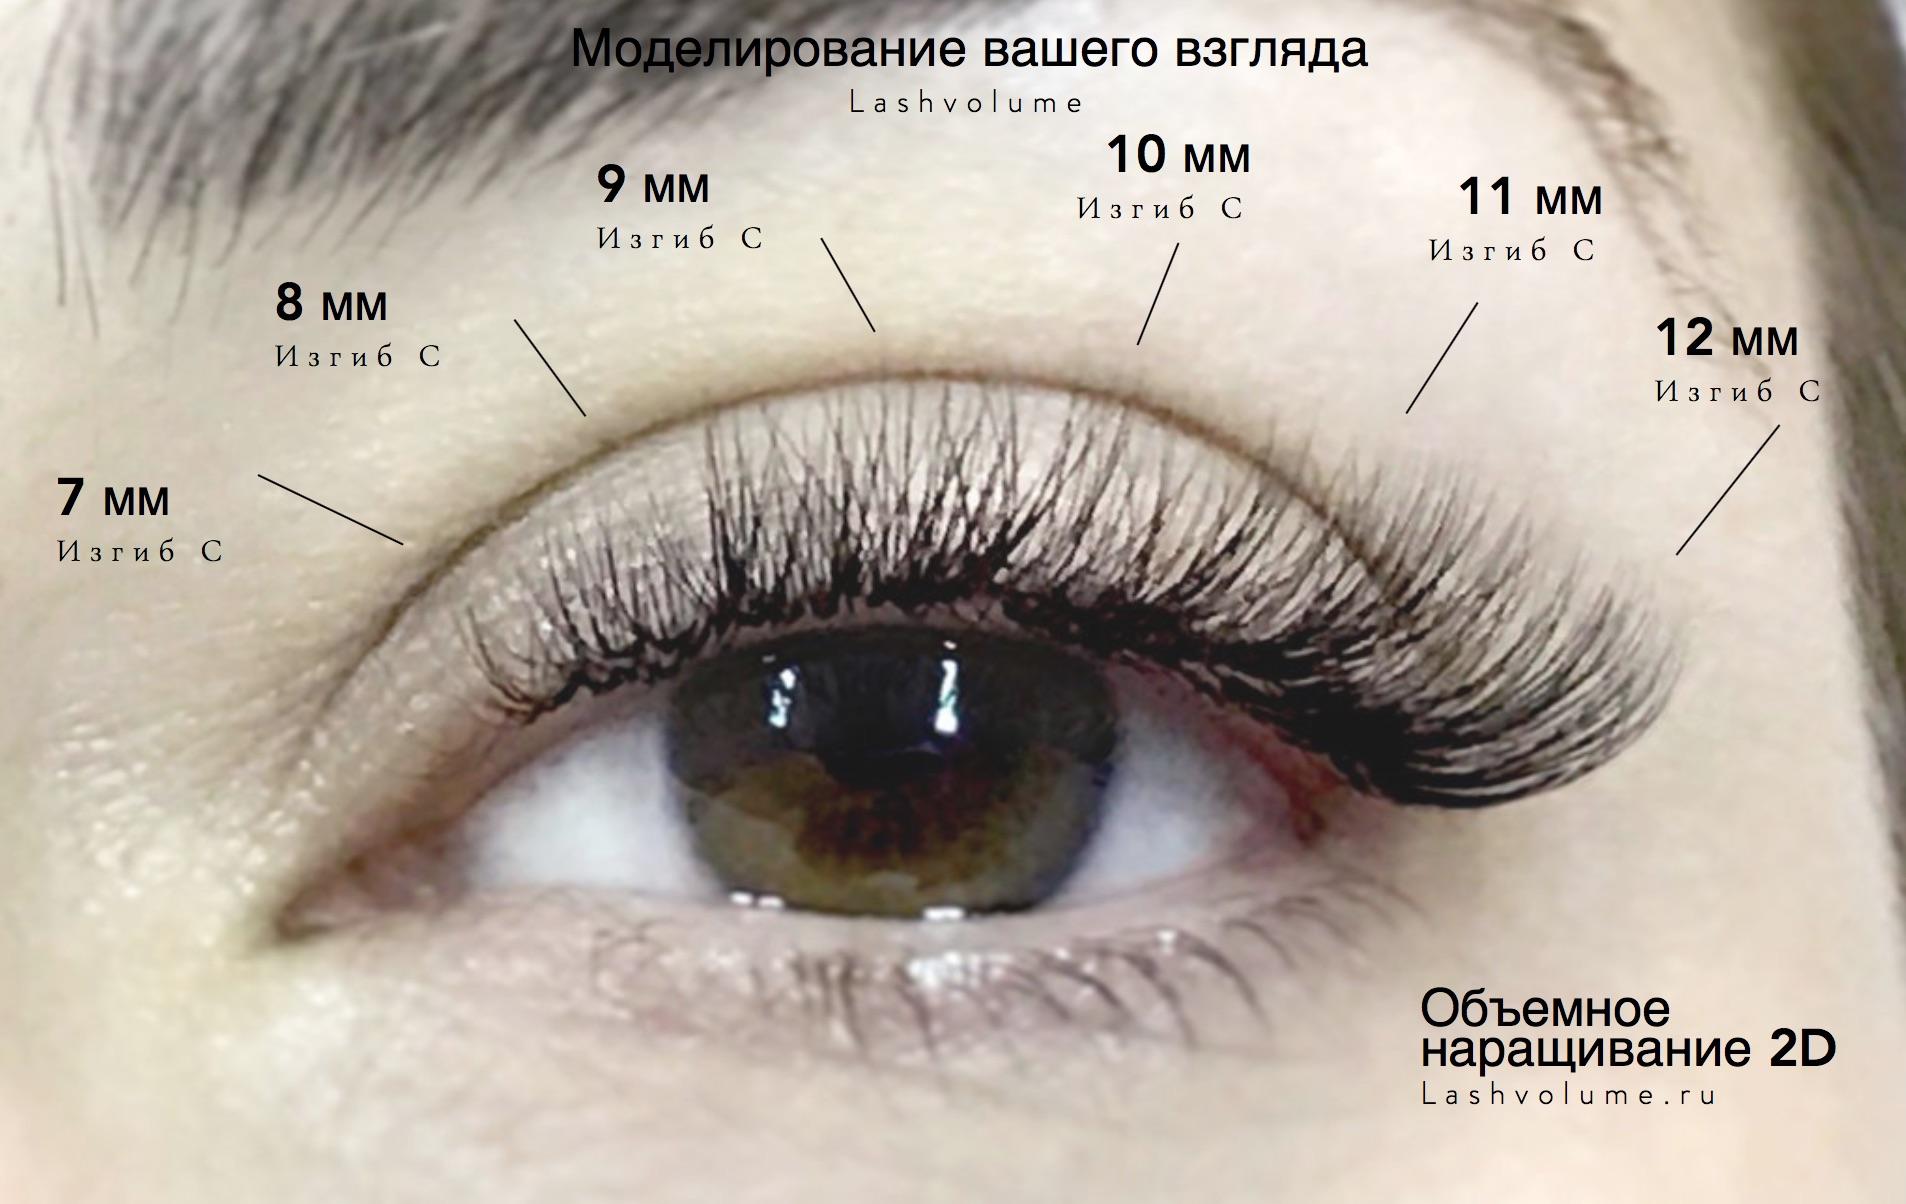 Наращивание ресниц Одинцово 2D - Lashvolume